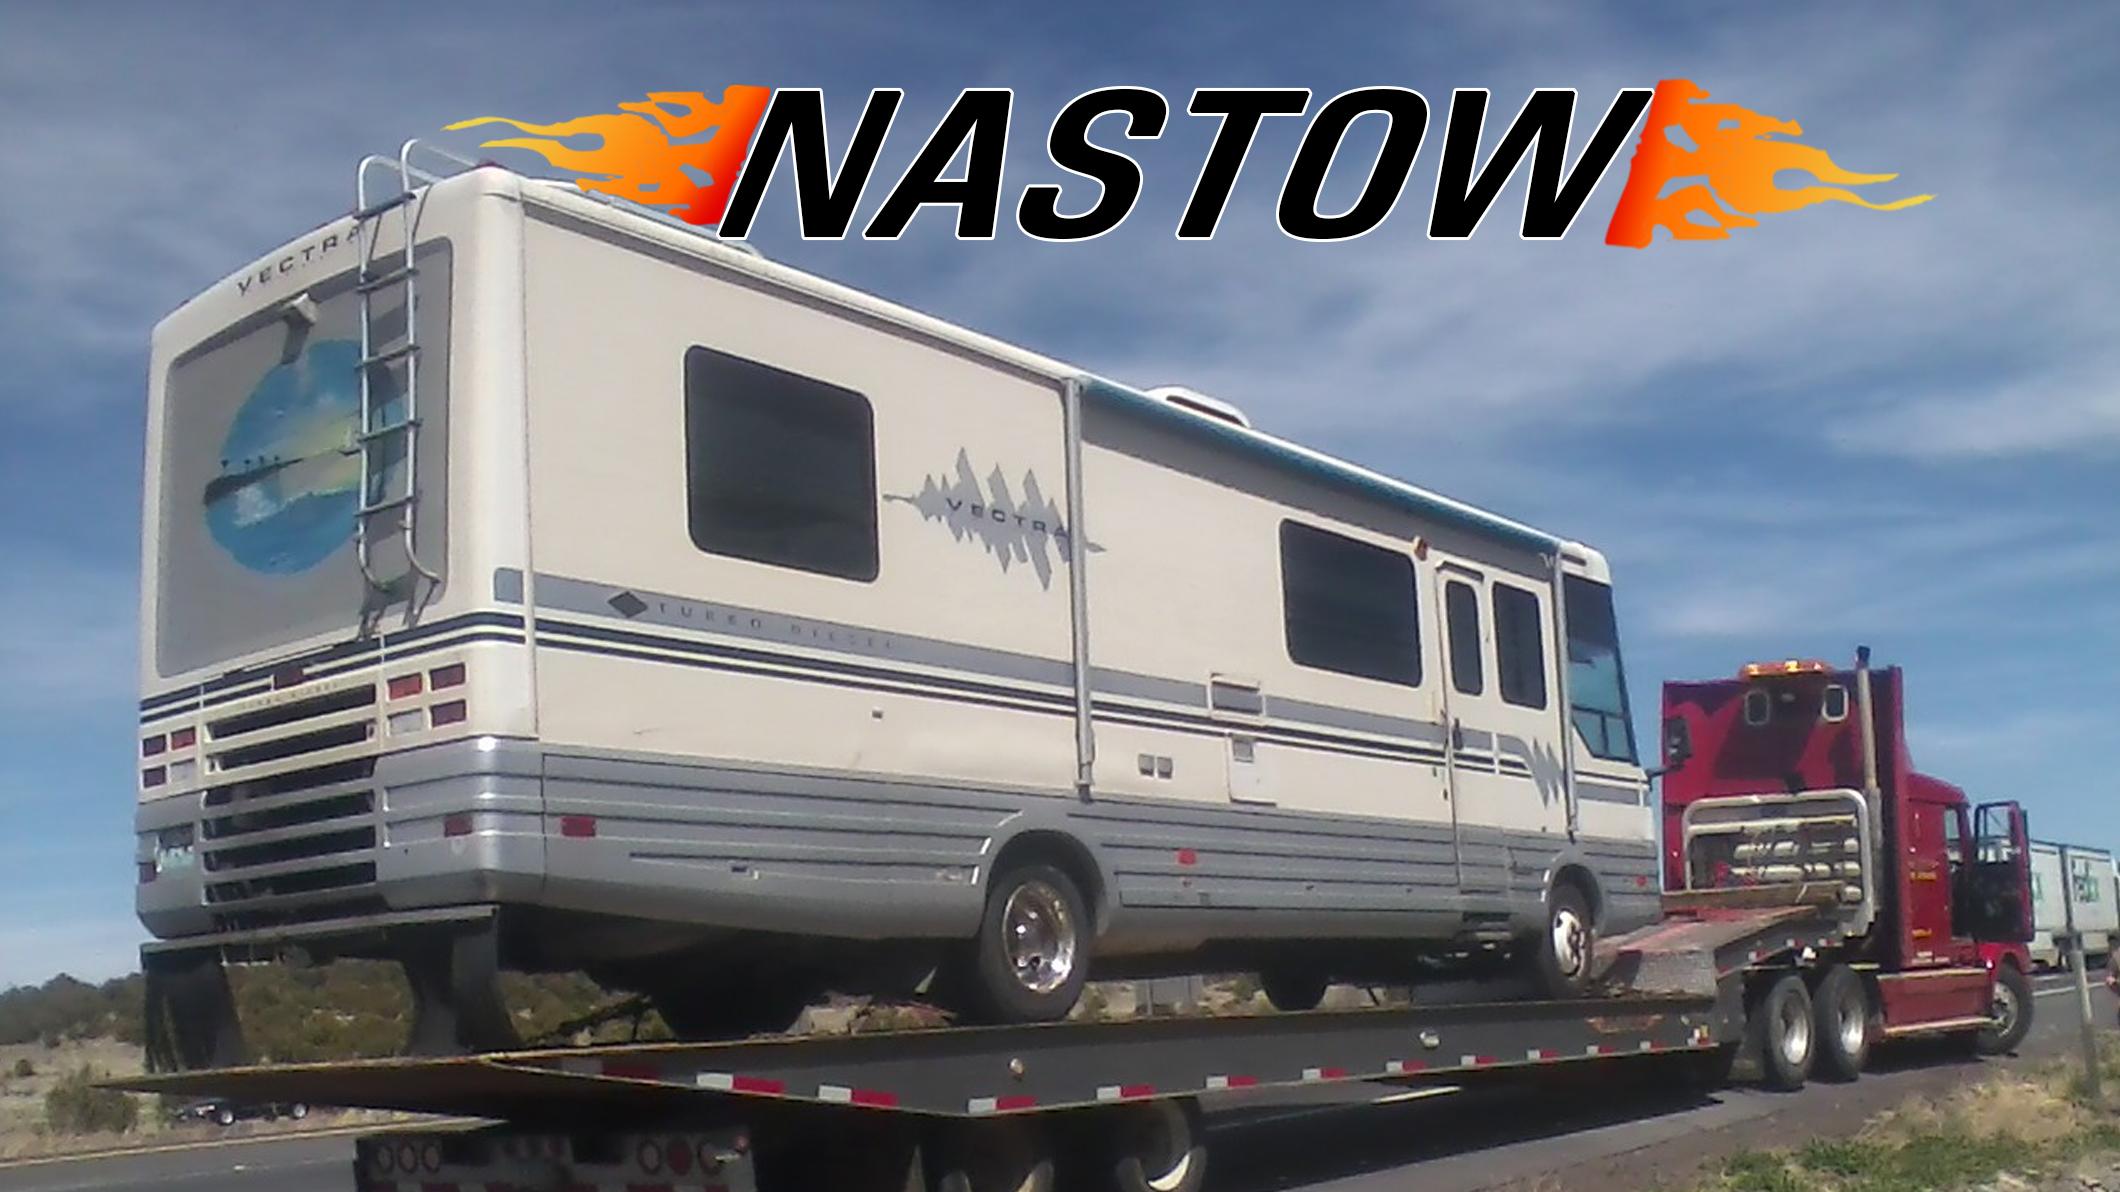 Nastow Towing & Recovery in Prescott AZ